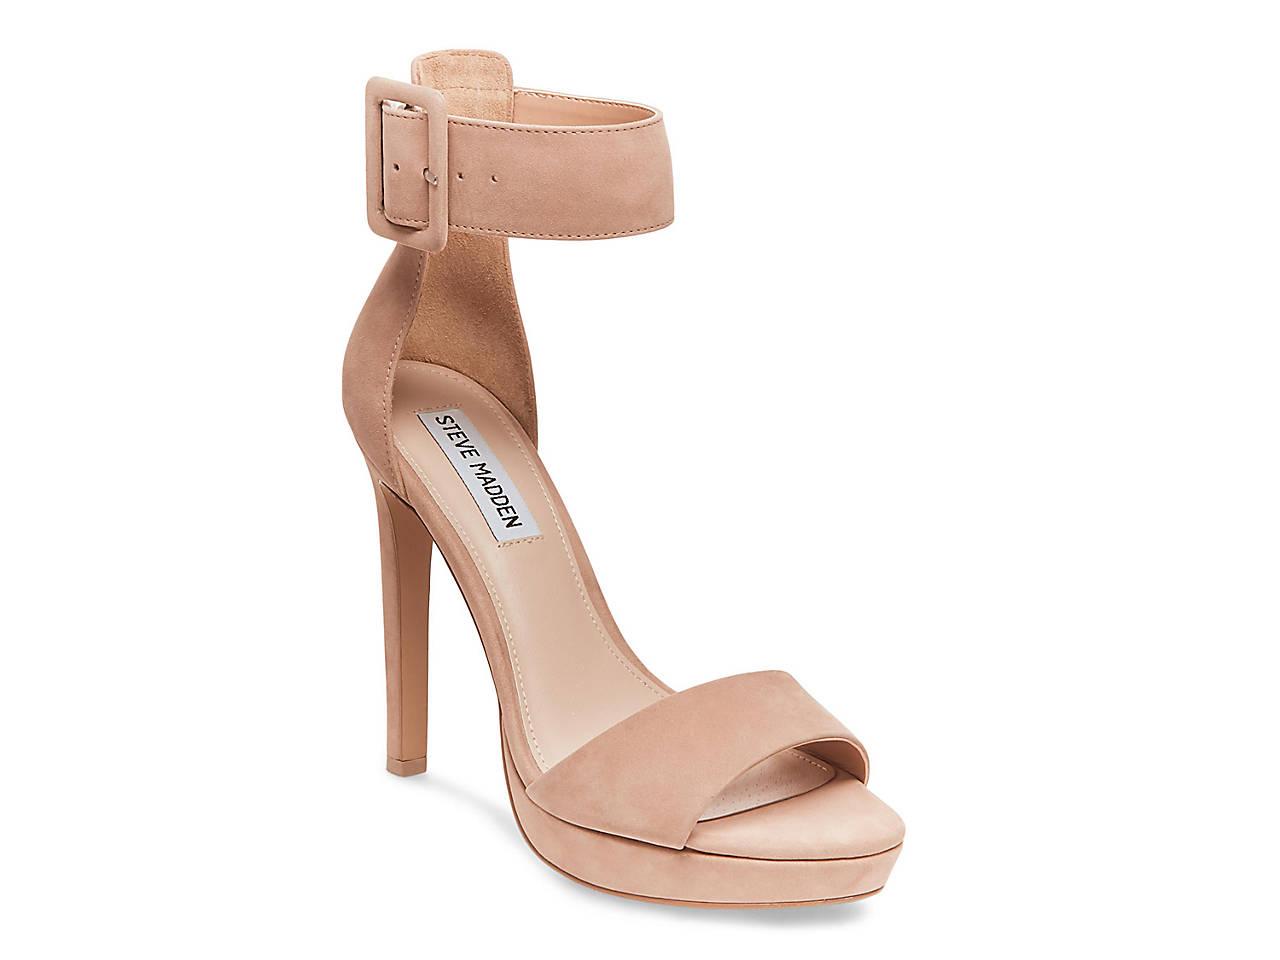 77b6f7c9730 Steve Madden Circuit Sandal Men s Shoes